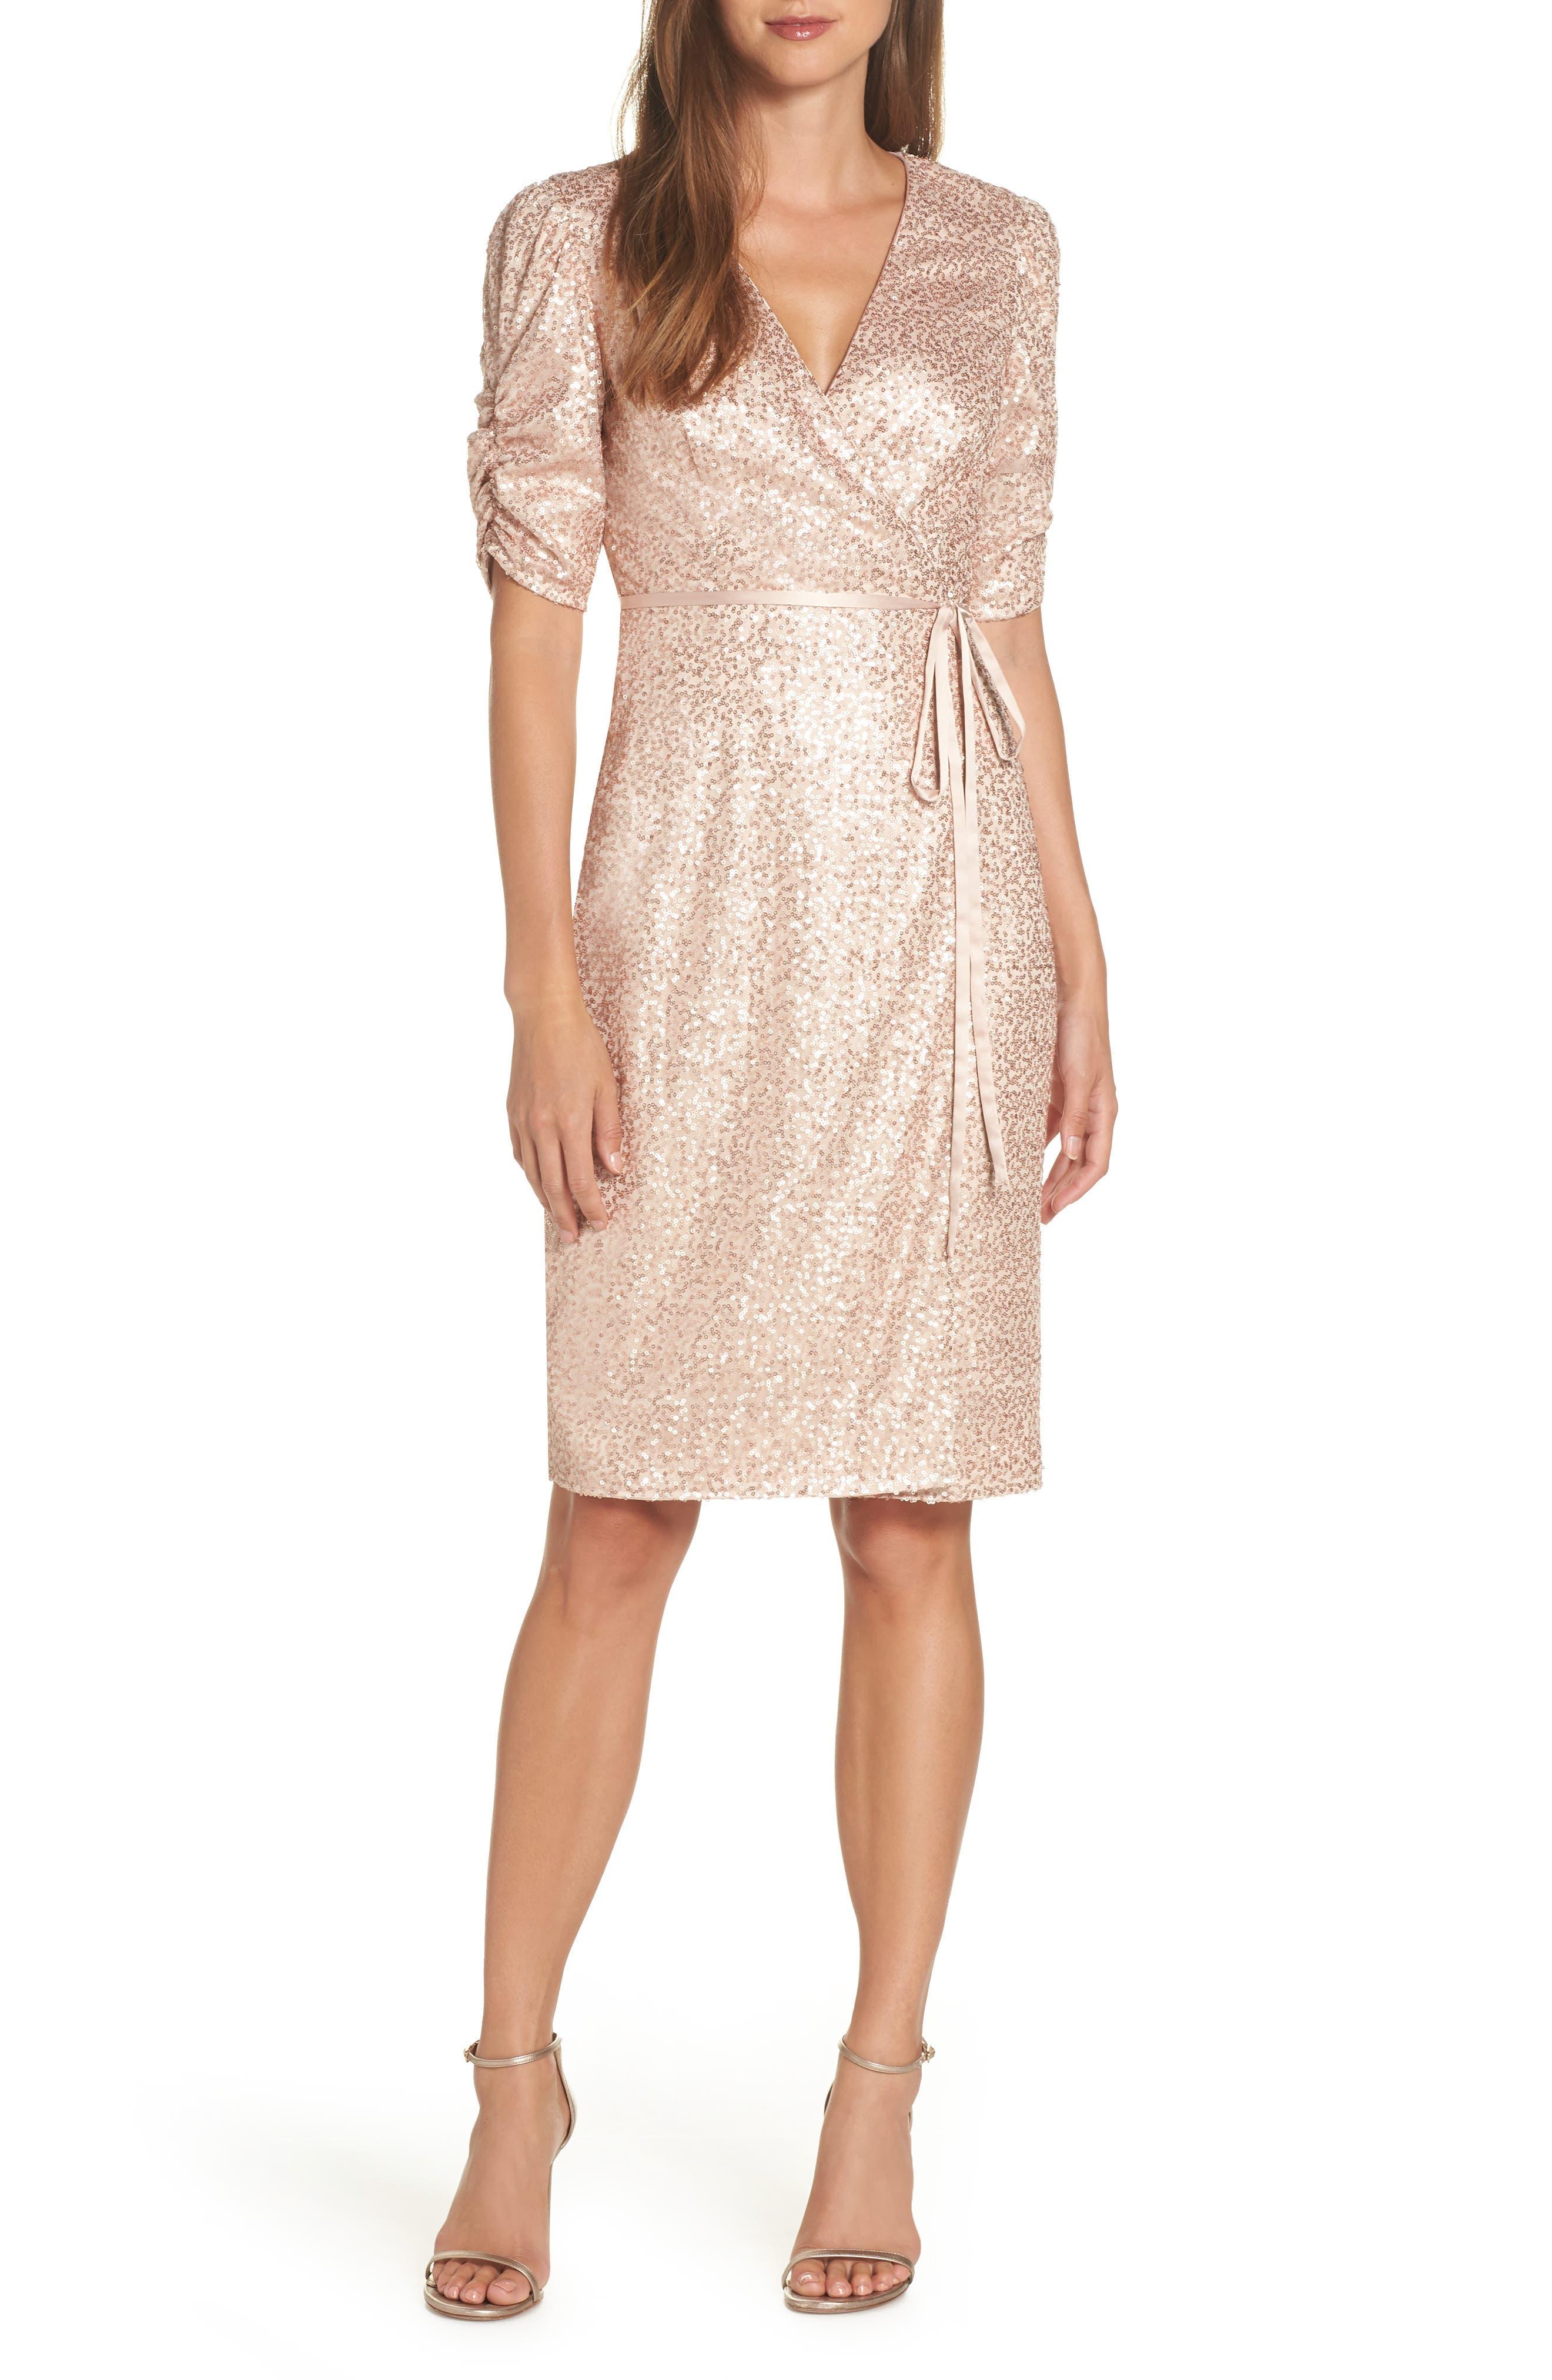 ELIZA J Sequin Faux Wrap Dress, Main, color, 250